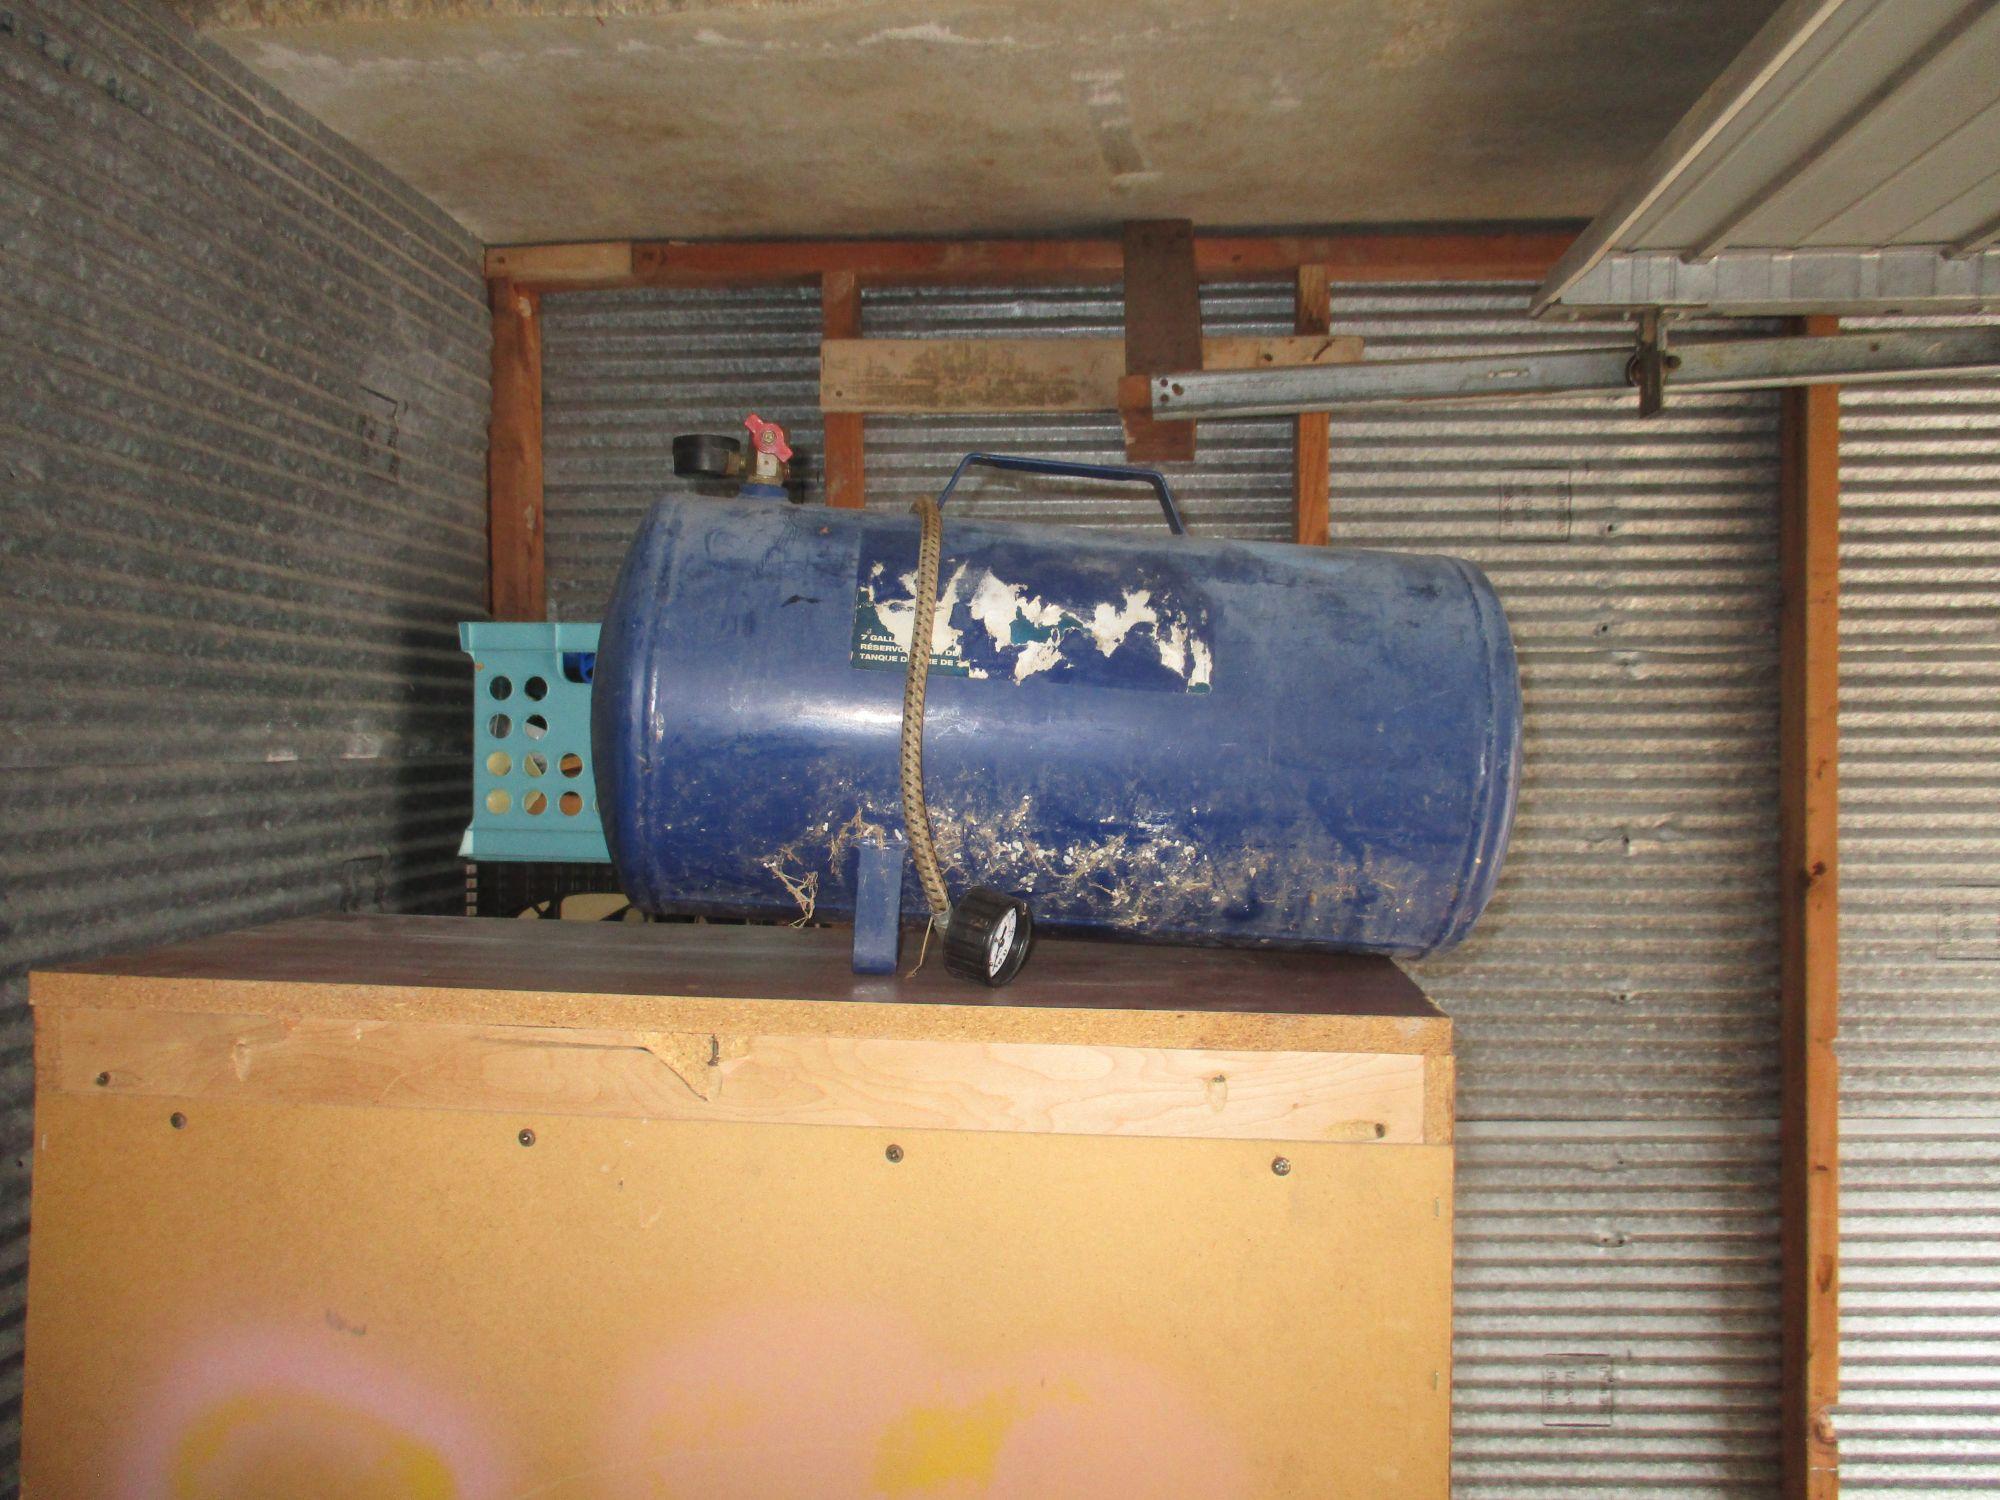 Storage Unit Auction 542725 Carbondale Il. SaveEnlarge & Storage Units Carbondale Il - Listitdallas